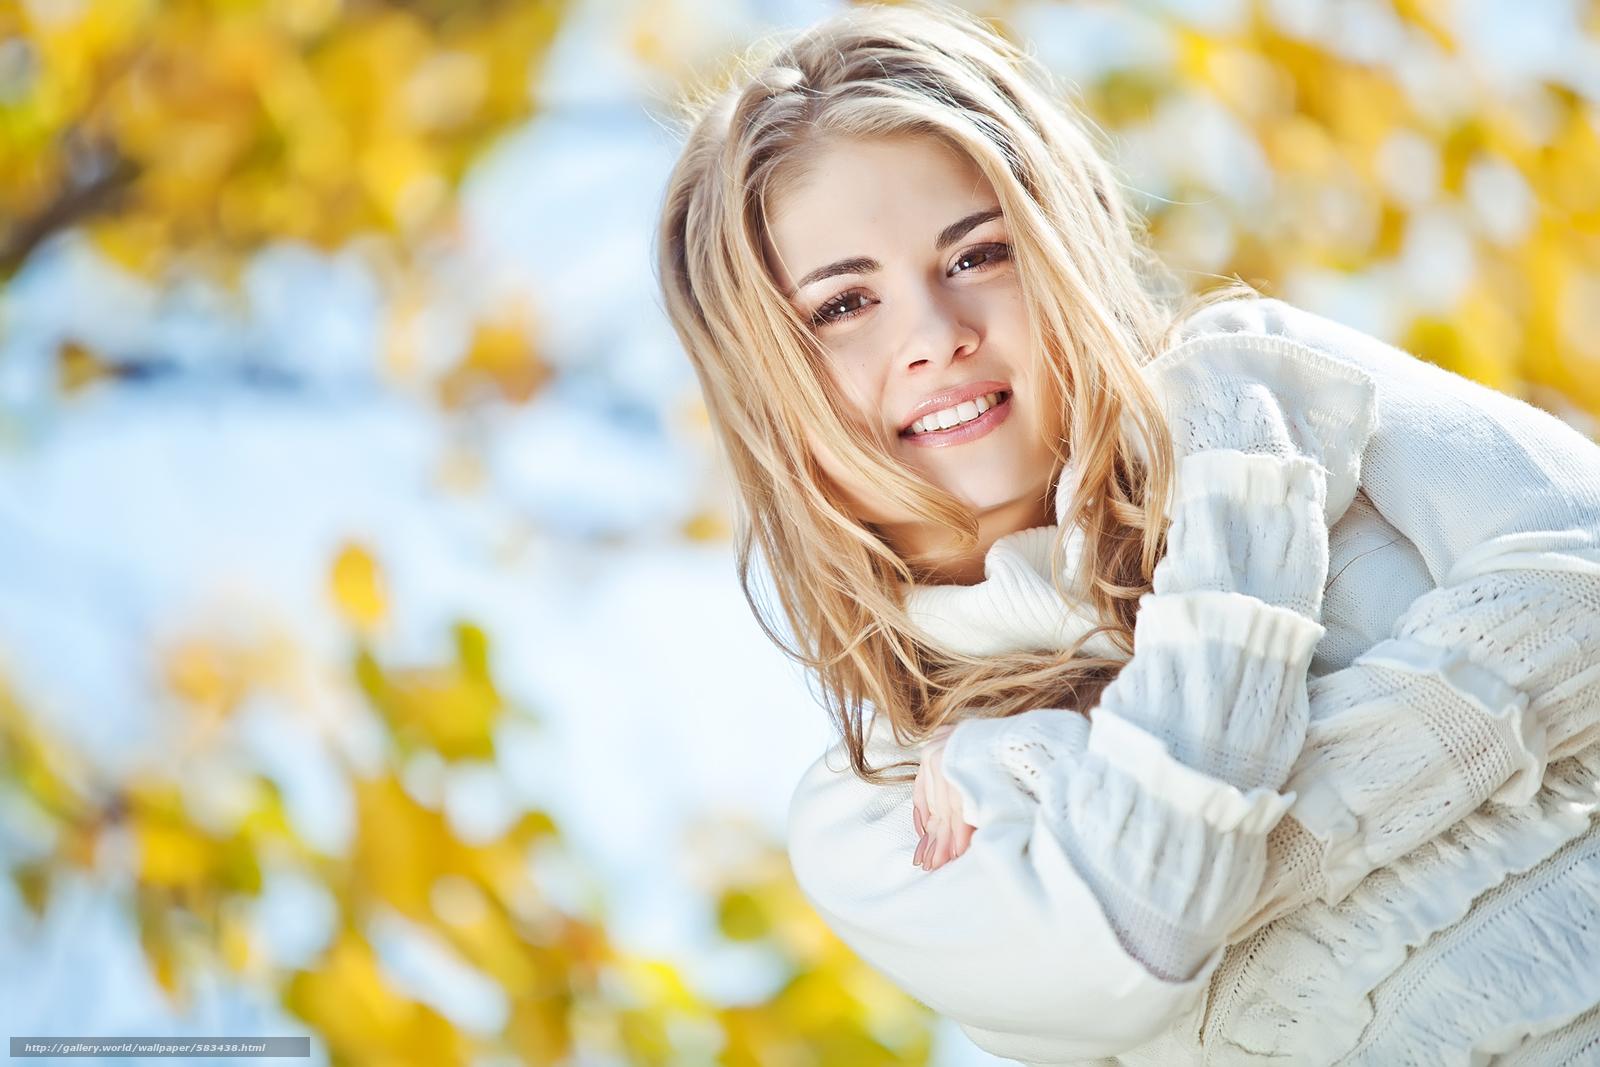 Красивые фото девушек блондинок 21 год ВКонтакте (13)